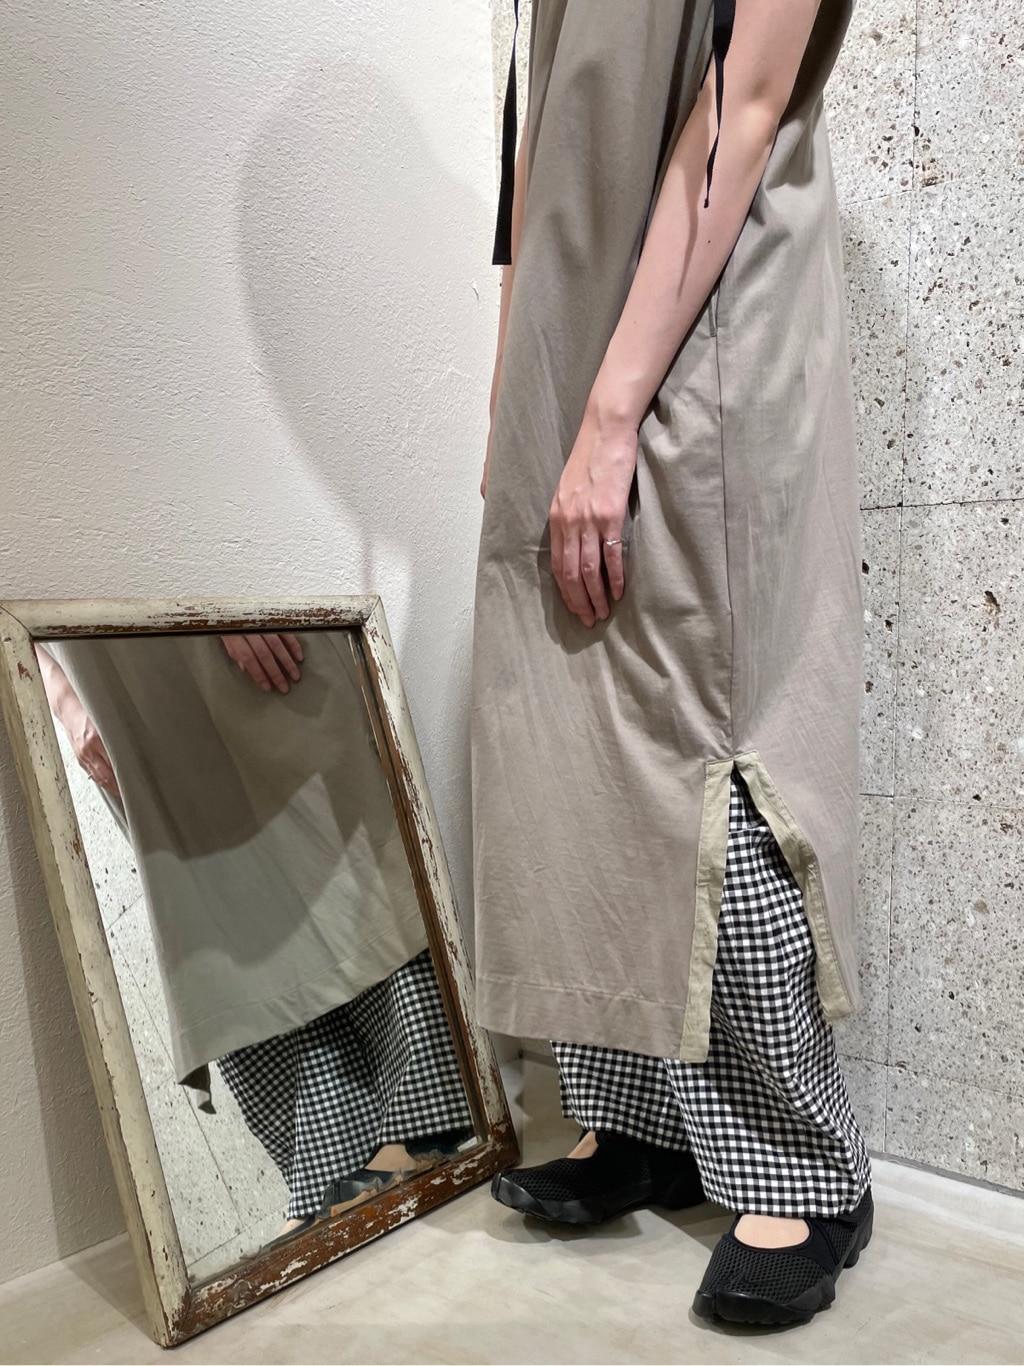 yuni ニュウマン横浜 身長:166cm 2021.04.14